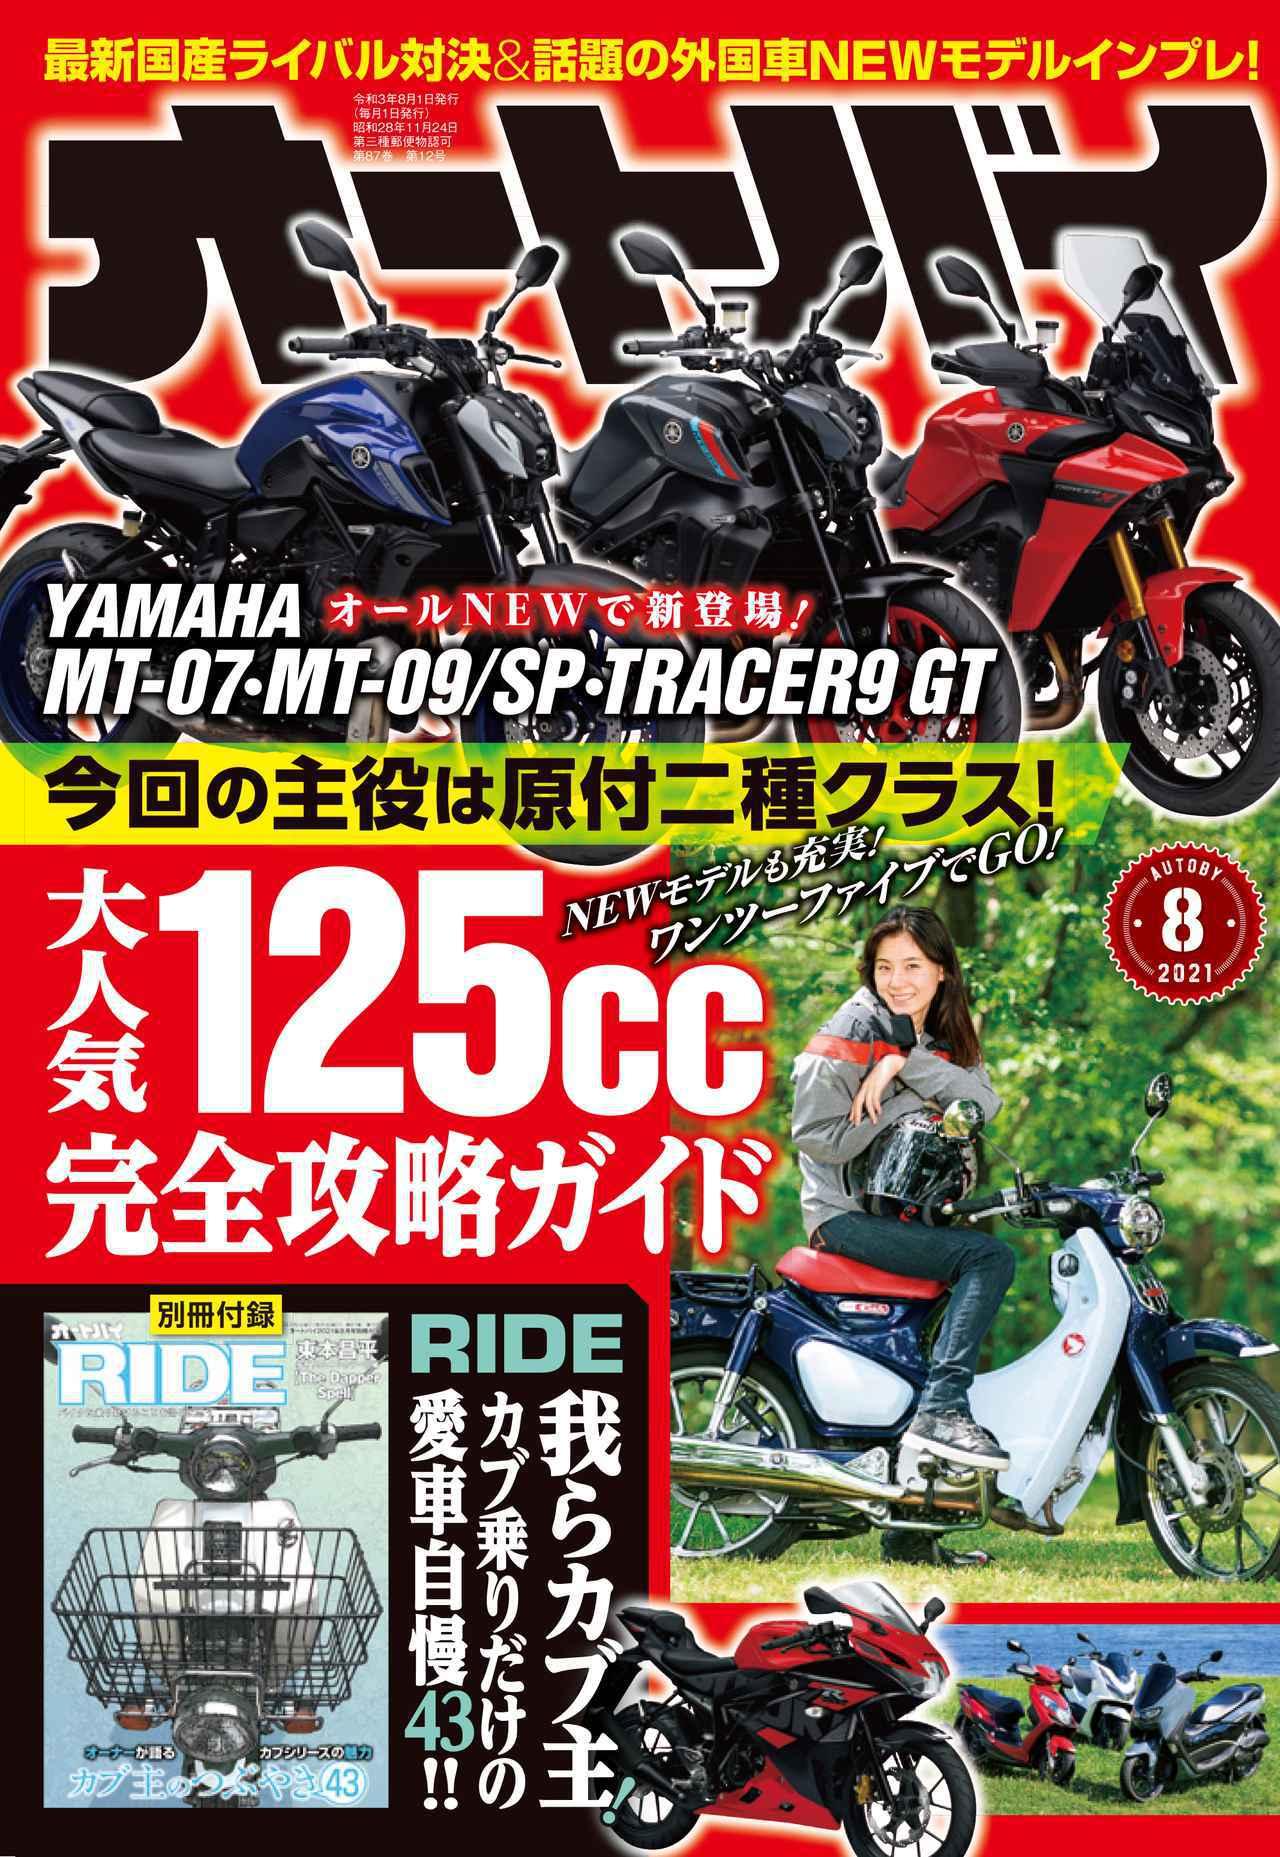 画像2: 月刊『オートバイ』最新8月号は2021年7月1日発売! 大人気125ccモデル完全攻略|別冊付録「RIDE」では旧型カブを大特集